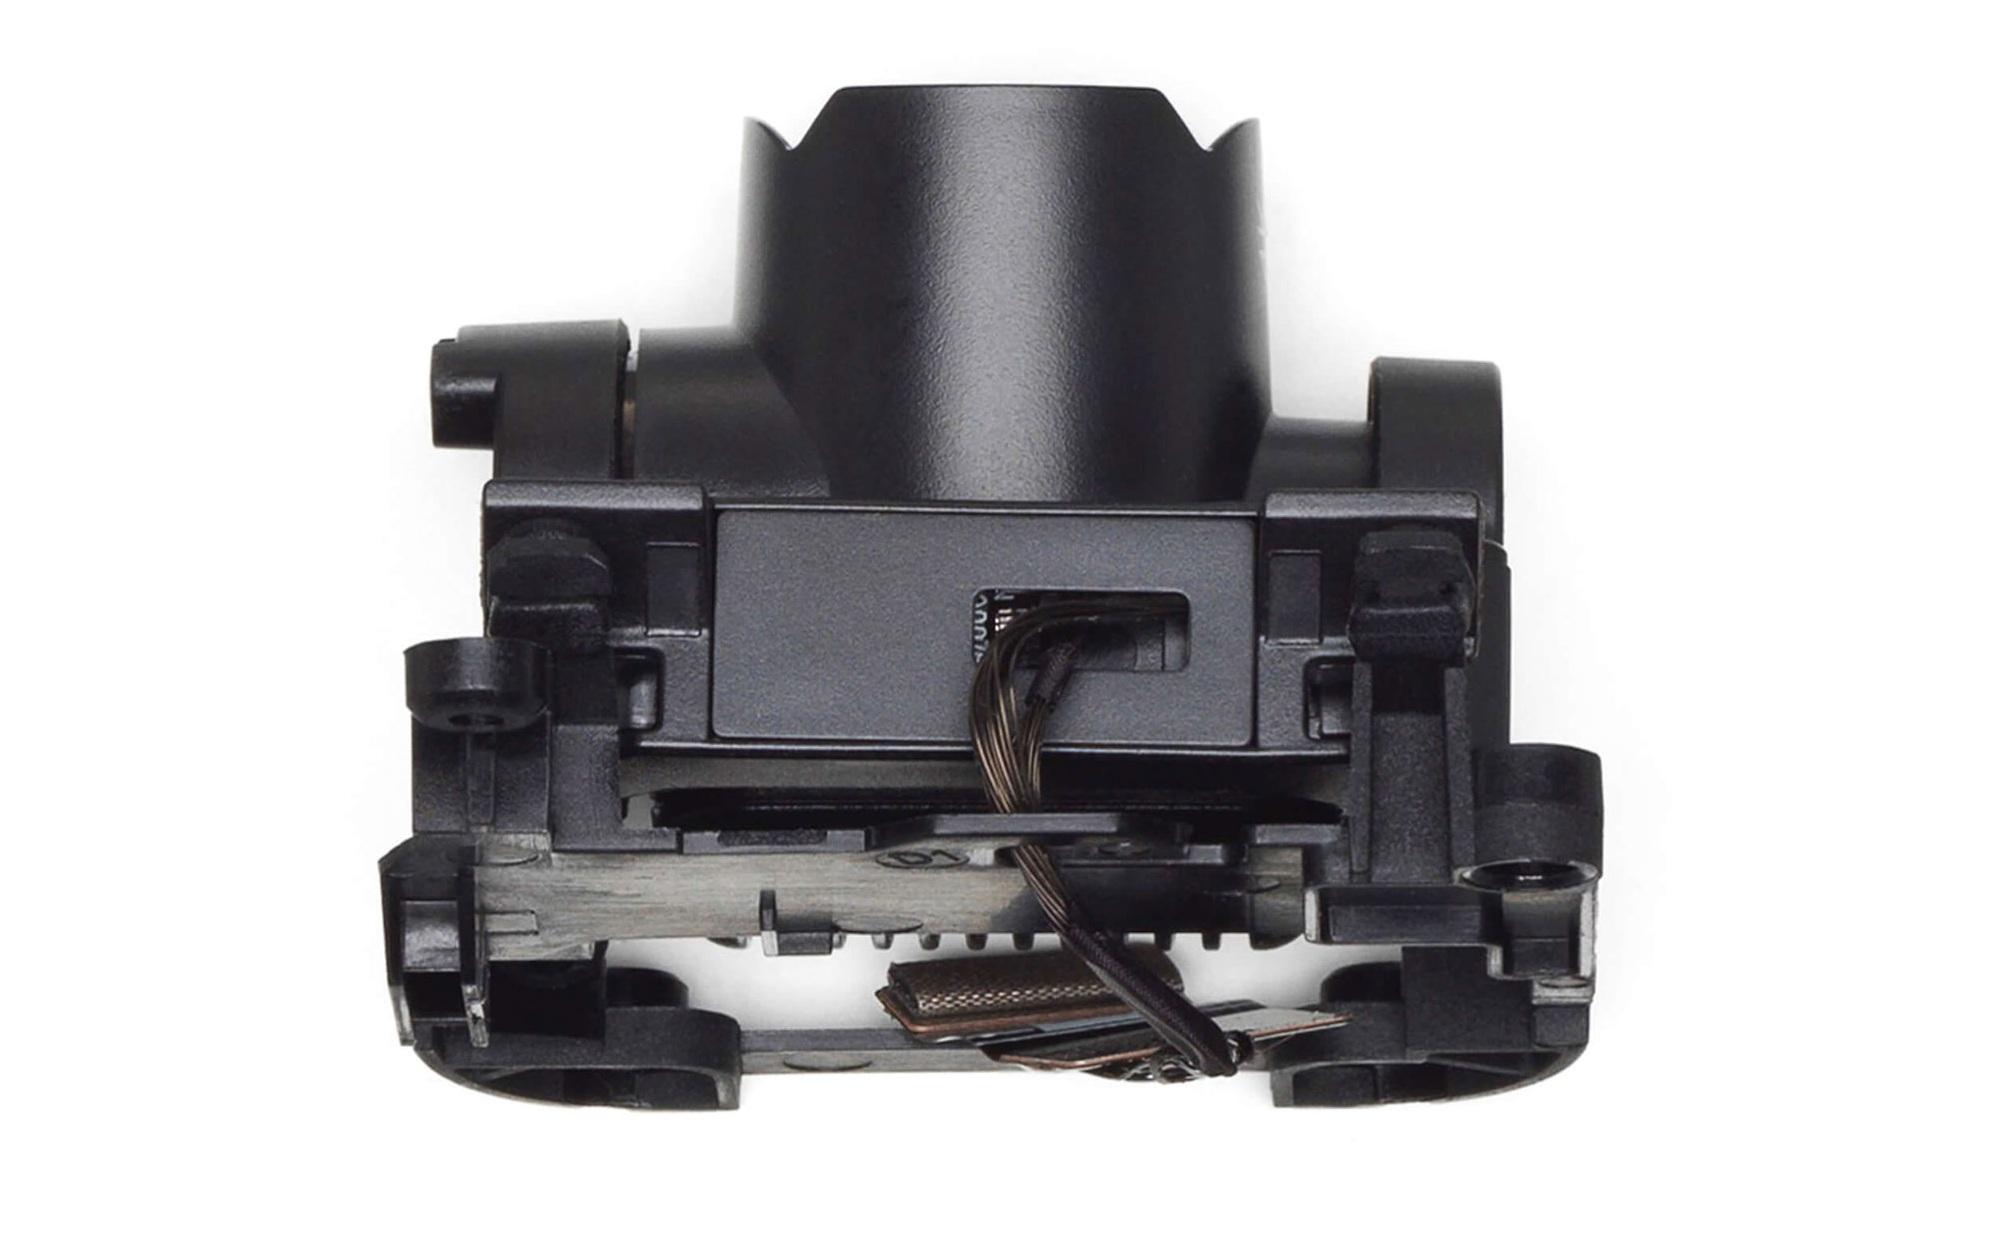 Gimbal Camera của DJI FPV cho phép quay video 4K ở 60fps và video FullHD